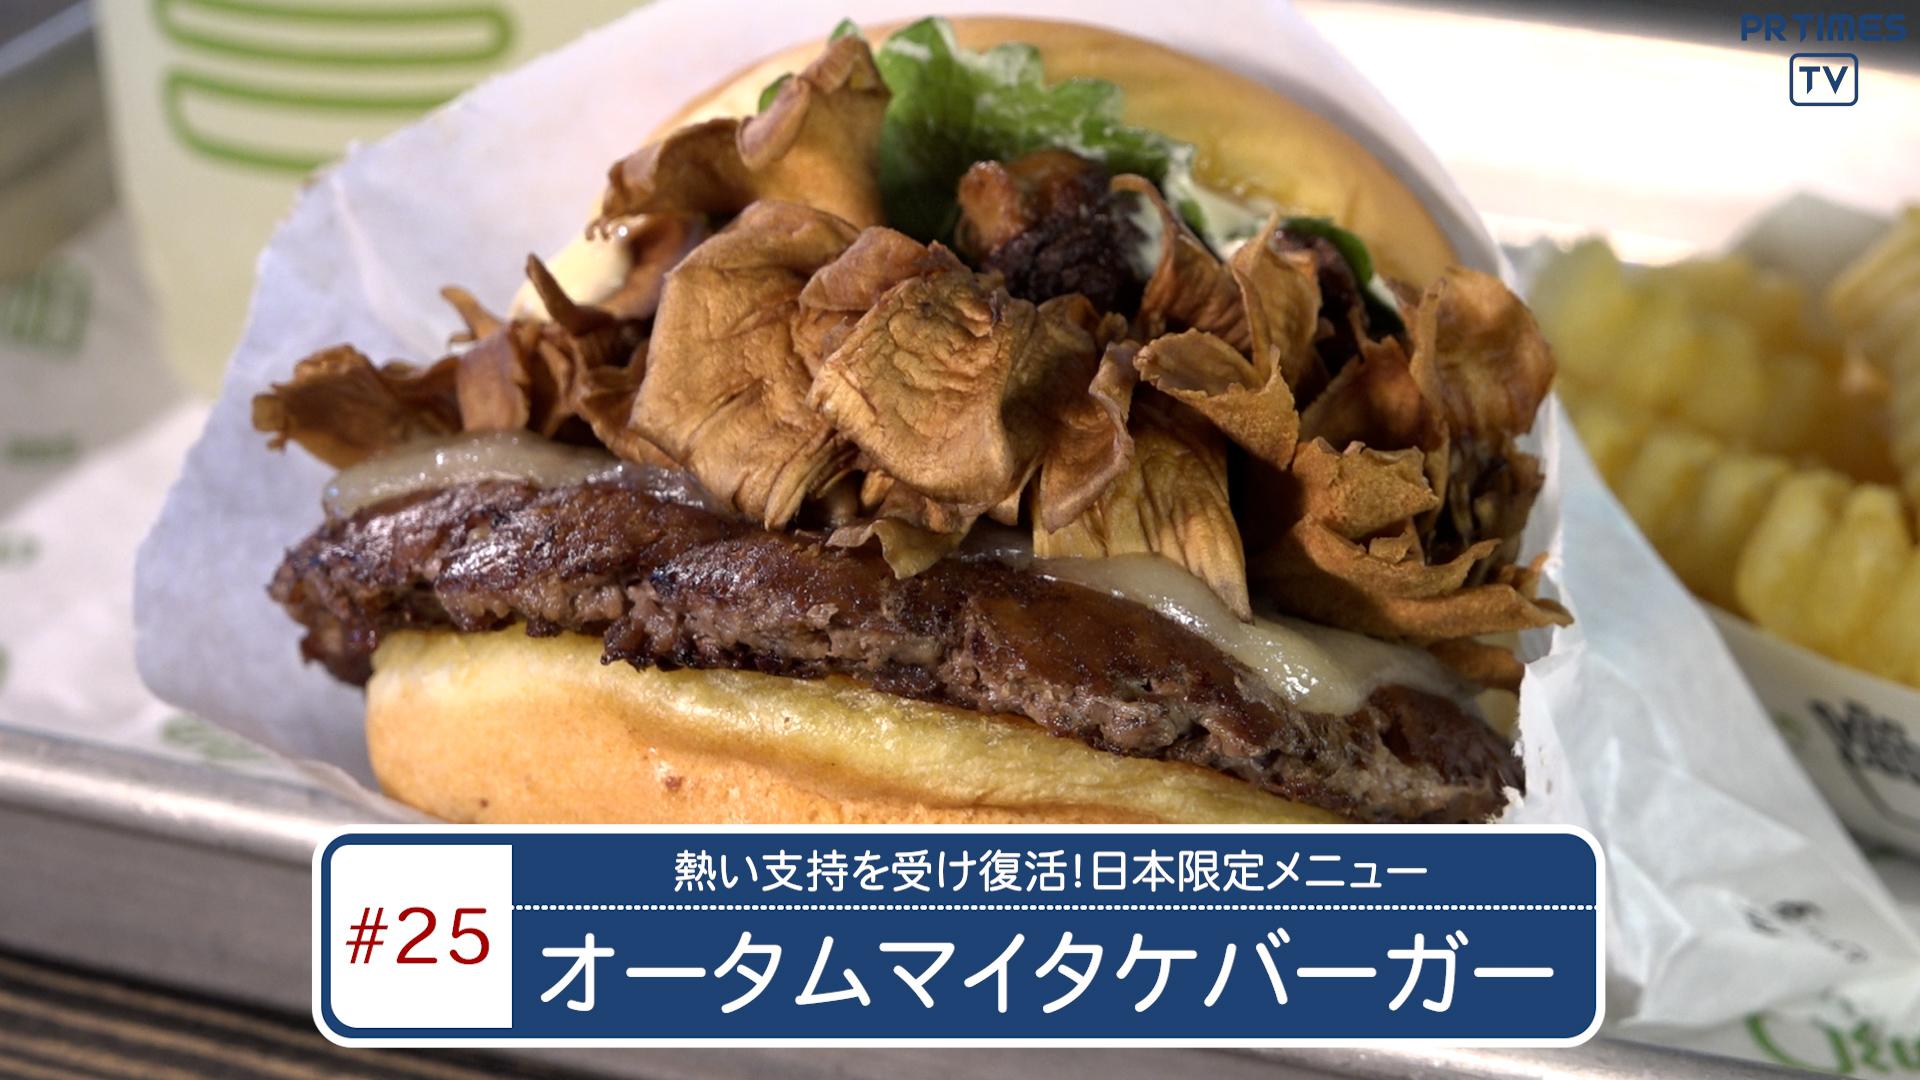 【シェイクシャック】秋の味覚たっぷりな日本限定バーガー「オータムマイタケバーガー」が期間限定で復活!